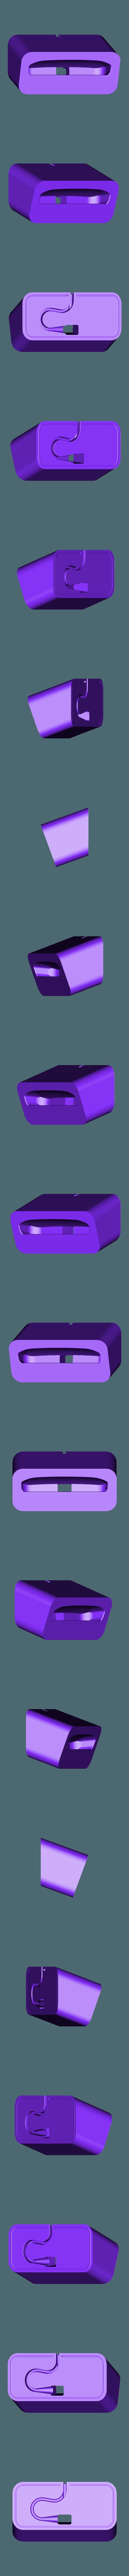 Vertical_Dock_v1-4.STL Télécharger fichier STL gratuit Station d'accueil téléphonique (Moto G) • Plan à imprimer en 3D, WalterHsiao